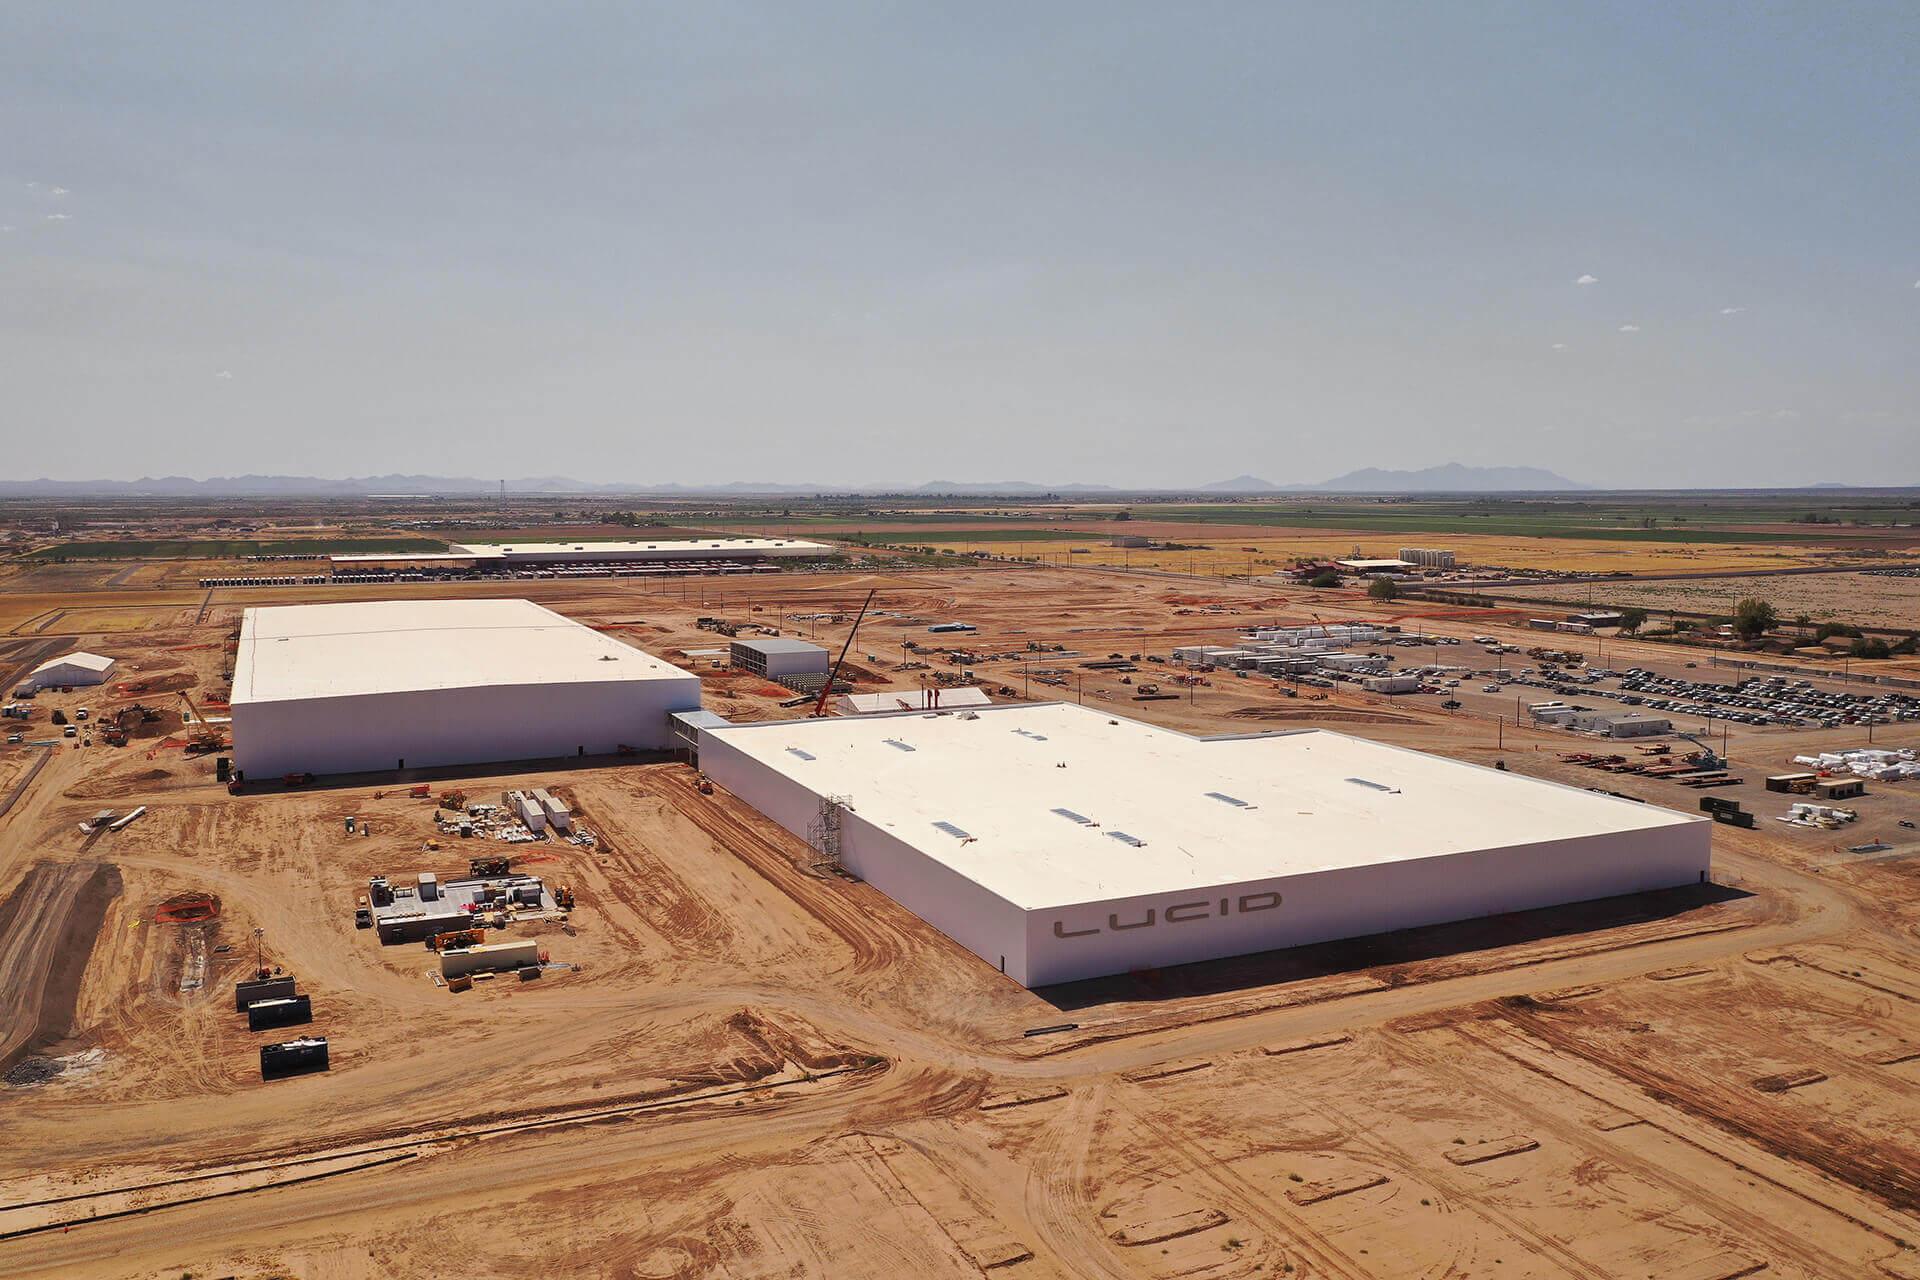 Lucid Motors показала на каком этапе строительство завода в Аризоне